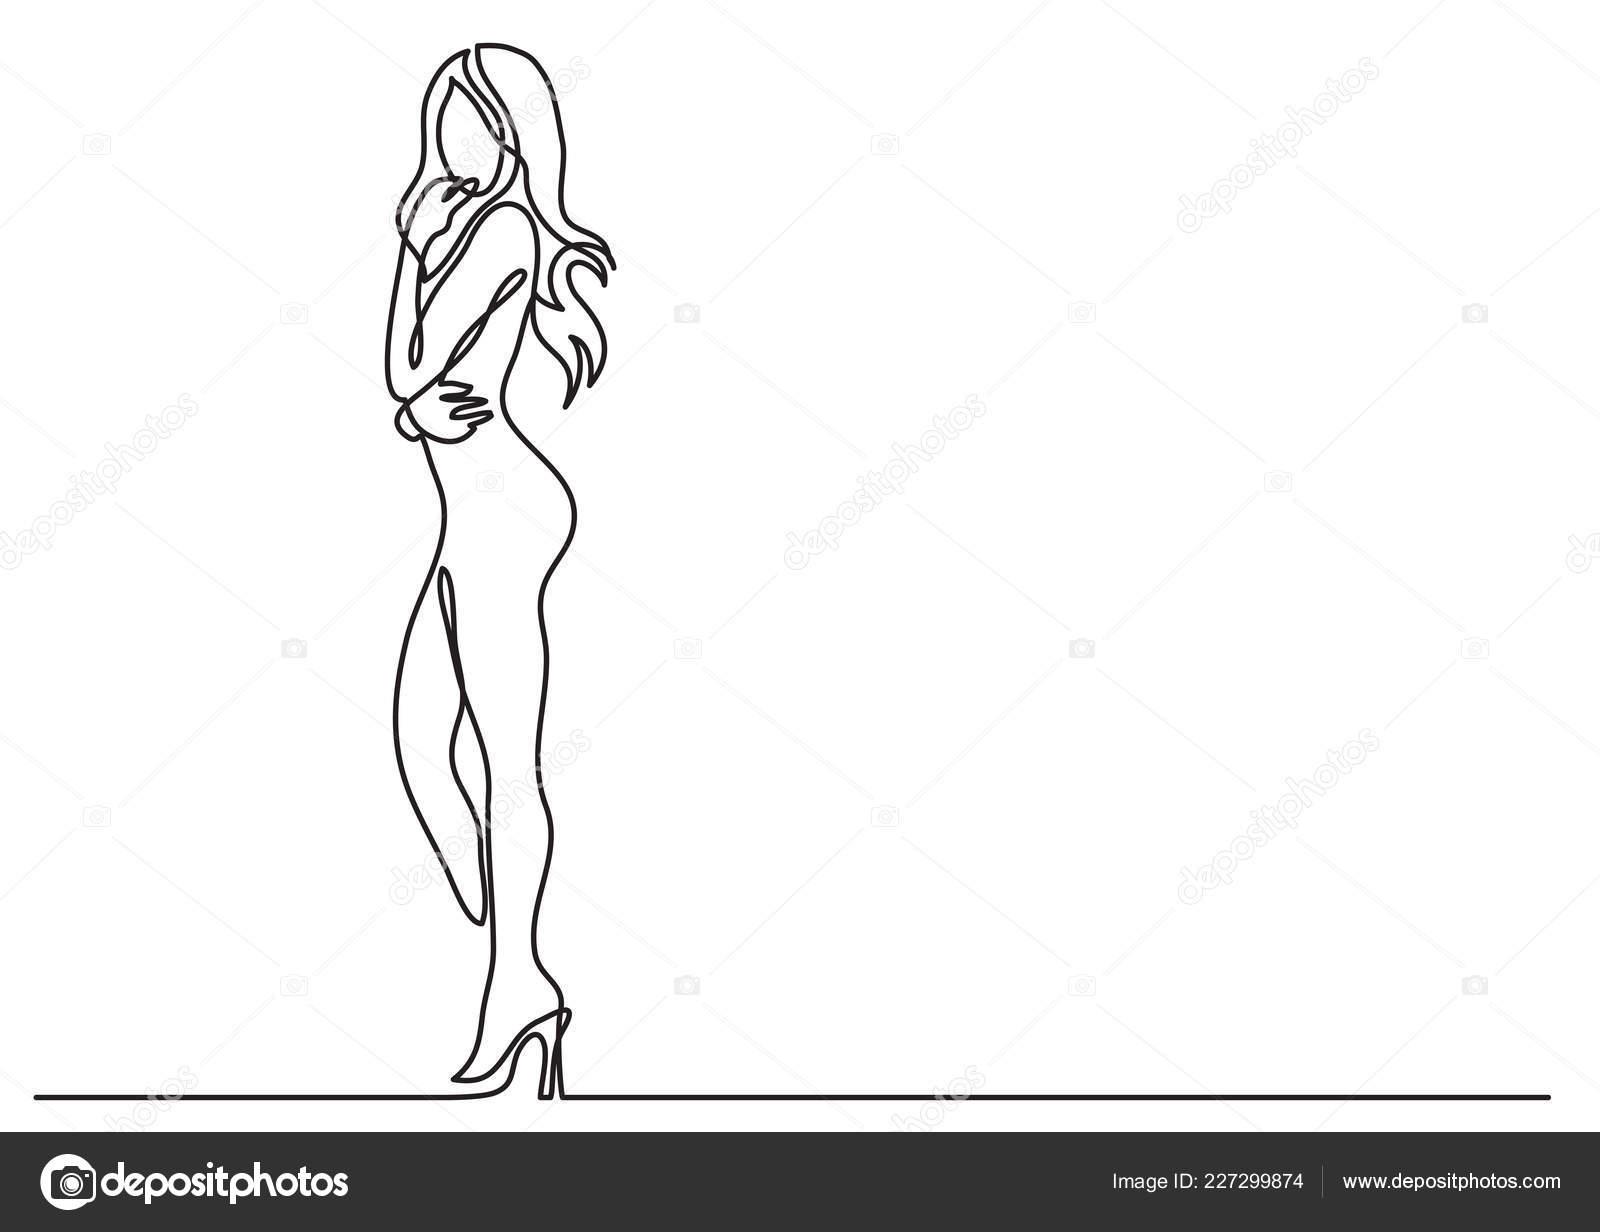 rysowanie nagich modeli starsze kobiety uprawiają seks z młodymi chłopakami